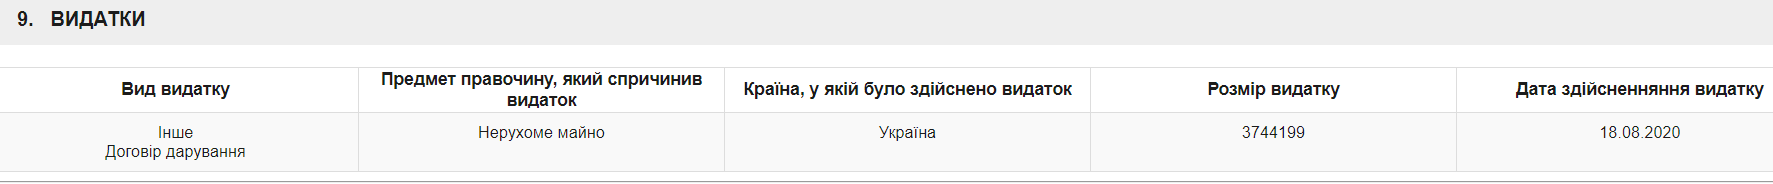 Тищенко подарував нерухомість.